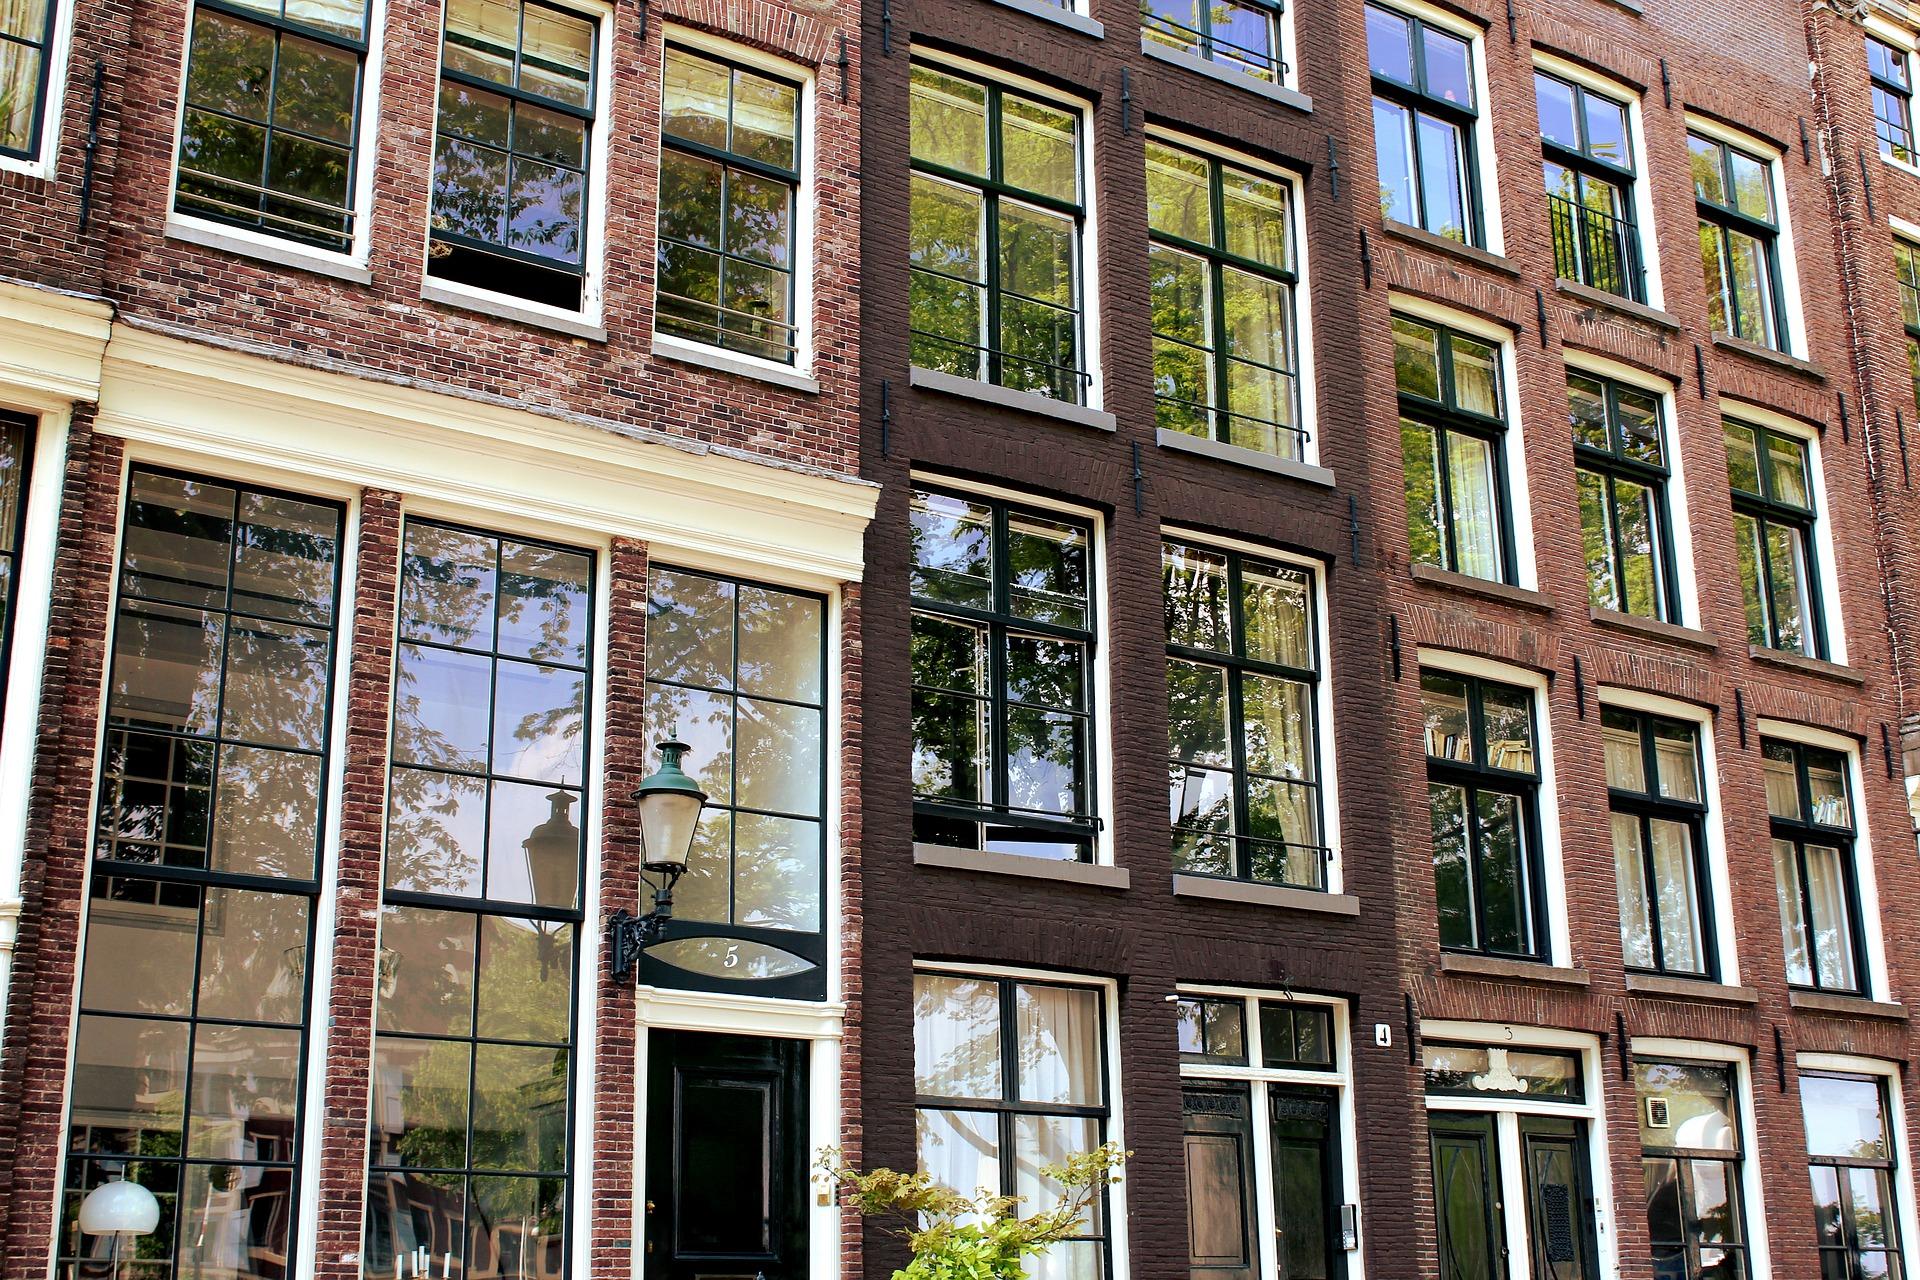 Kantoren Crisis Door Bouwstop In Amsterdam Wordt Steeds Ernstiger.